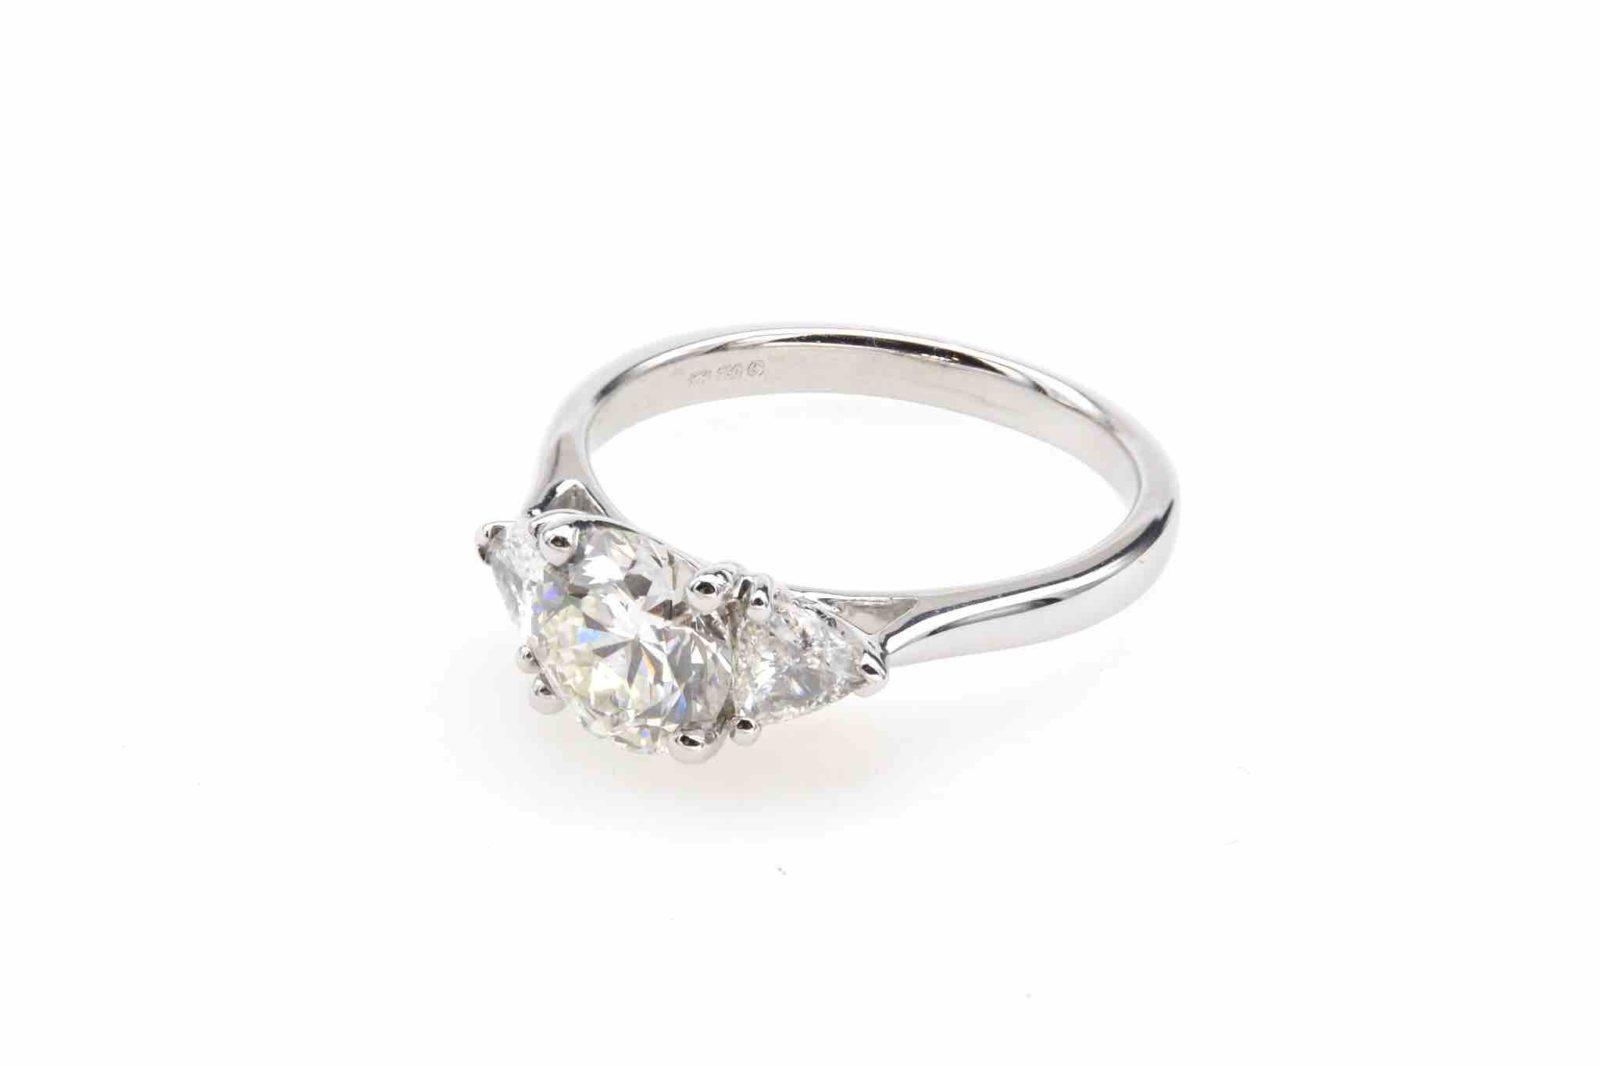 Bague diamant de 1,26 carats et triangles en or blanc 18k